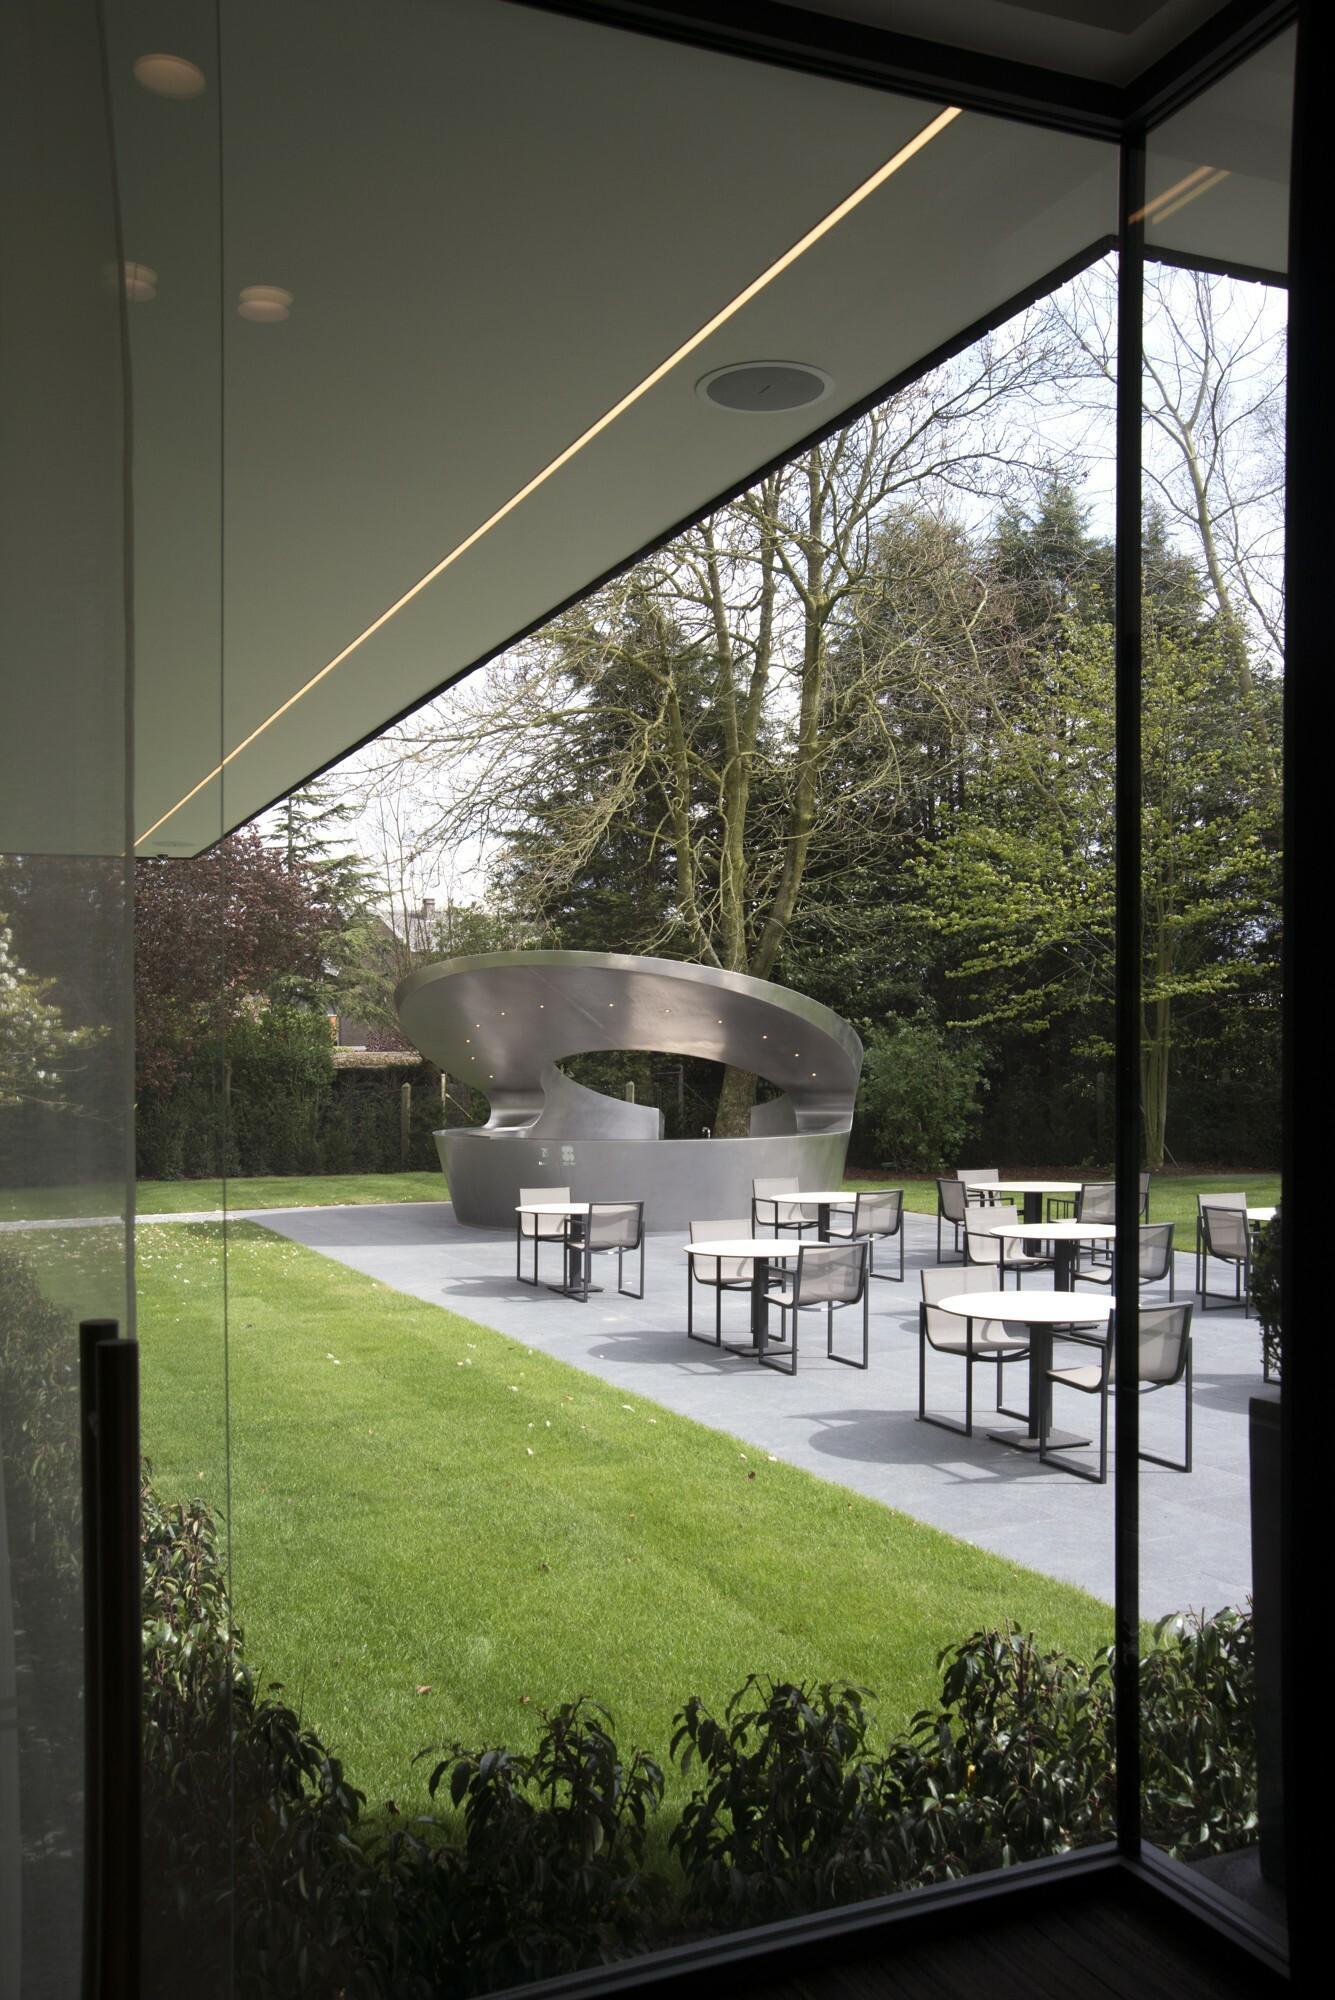 Terrasse mit Gartenmöbeln und Bar